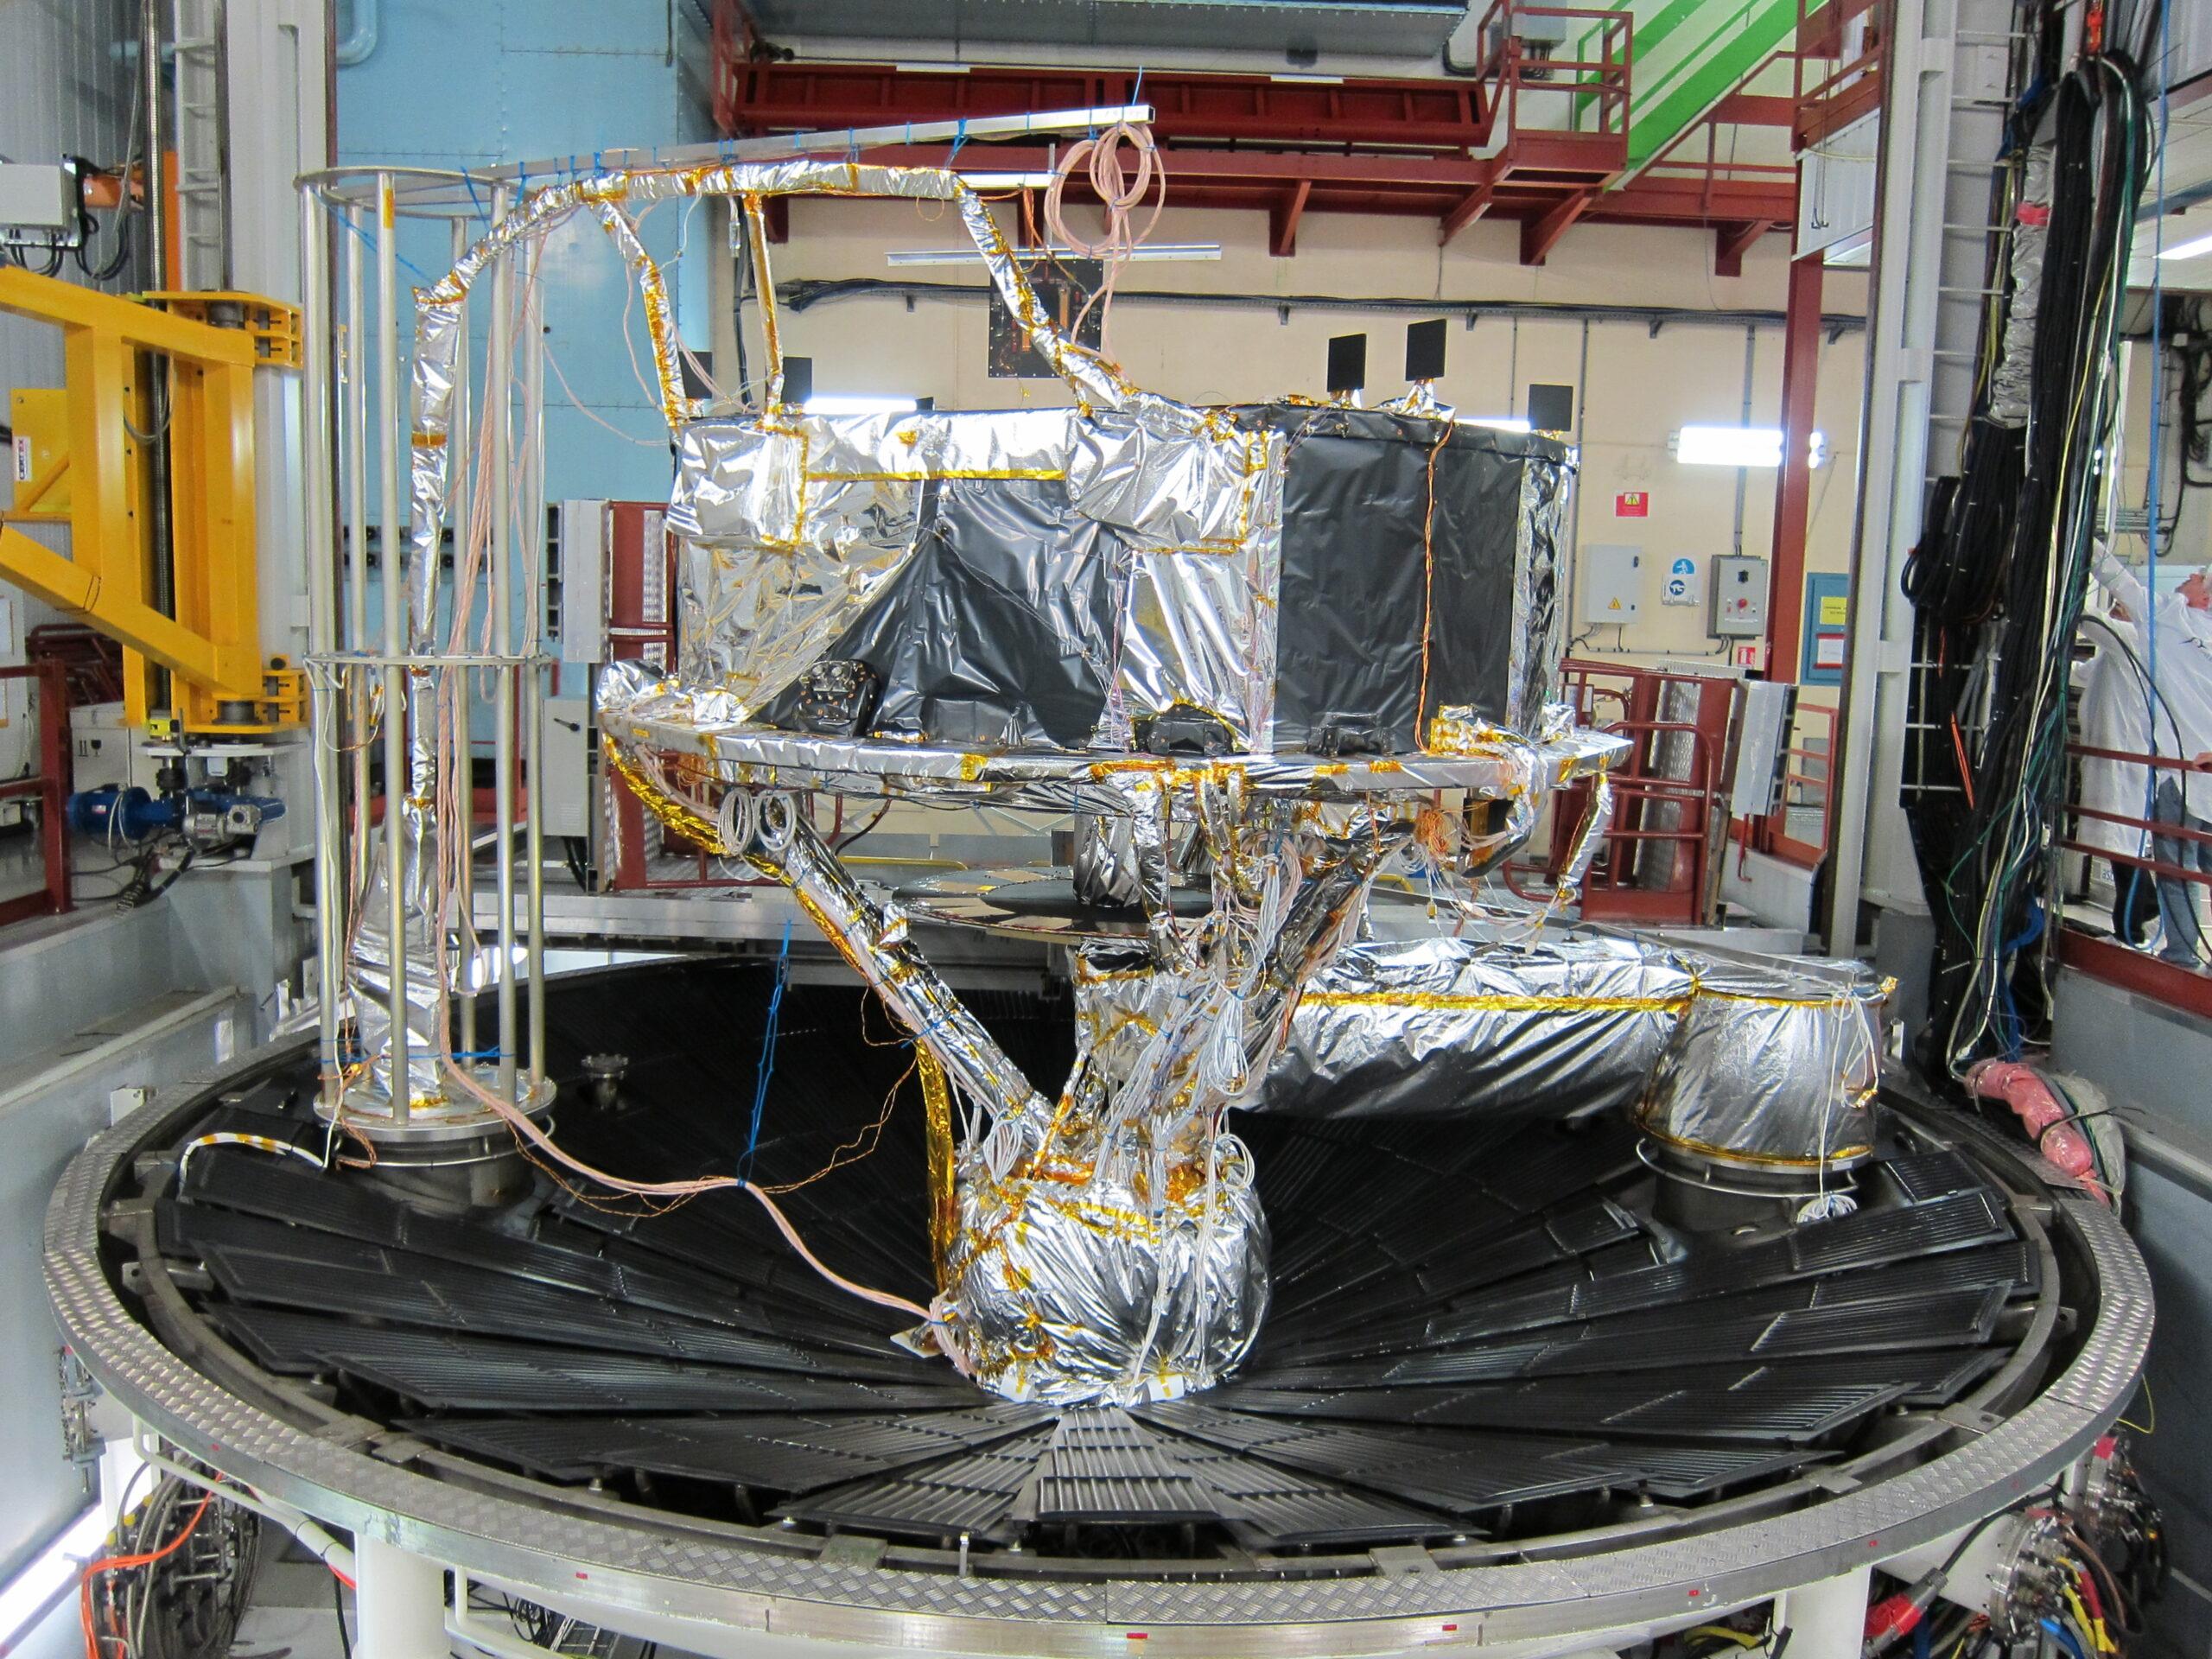 Il Protoflight Model del modulo di servizio del satellite GAIA durante alcuni test a Tolosa nel 2013. Credits: ESA.